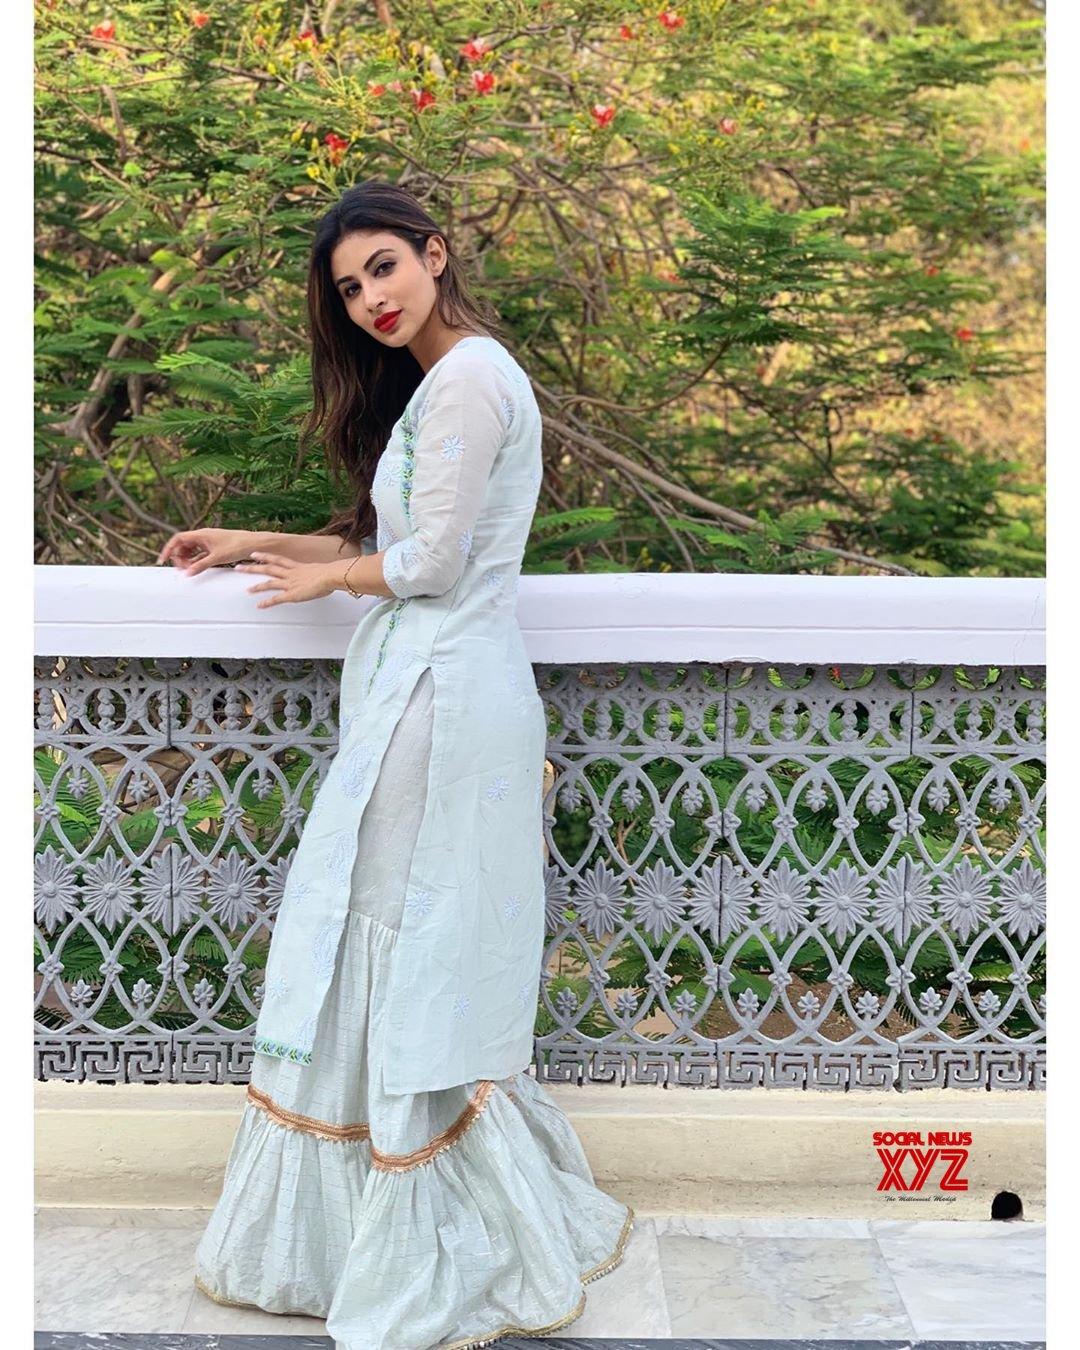 Actress Mouni Roy Latest Insta Stills - Social News XYZ